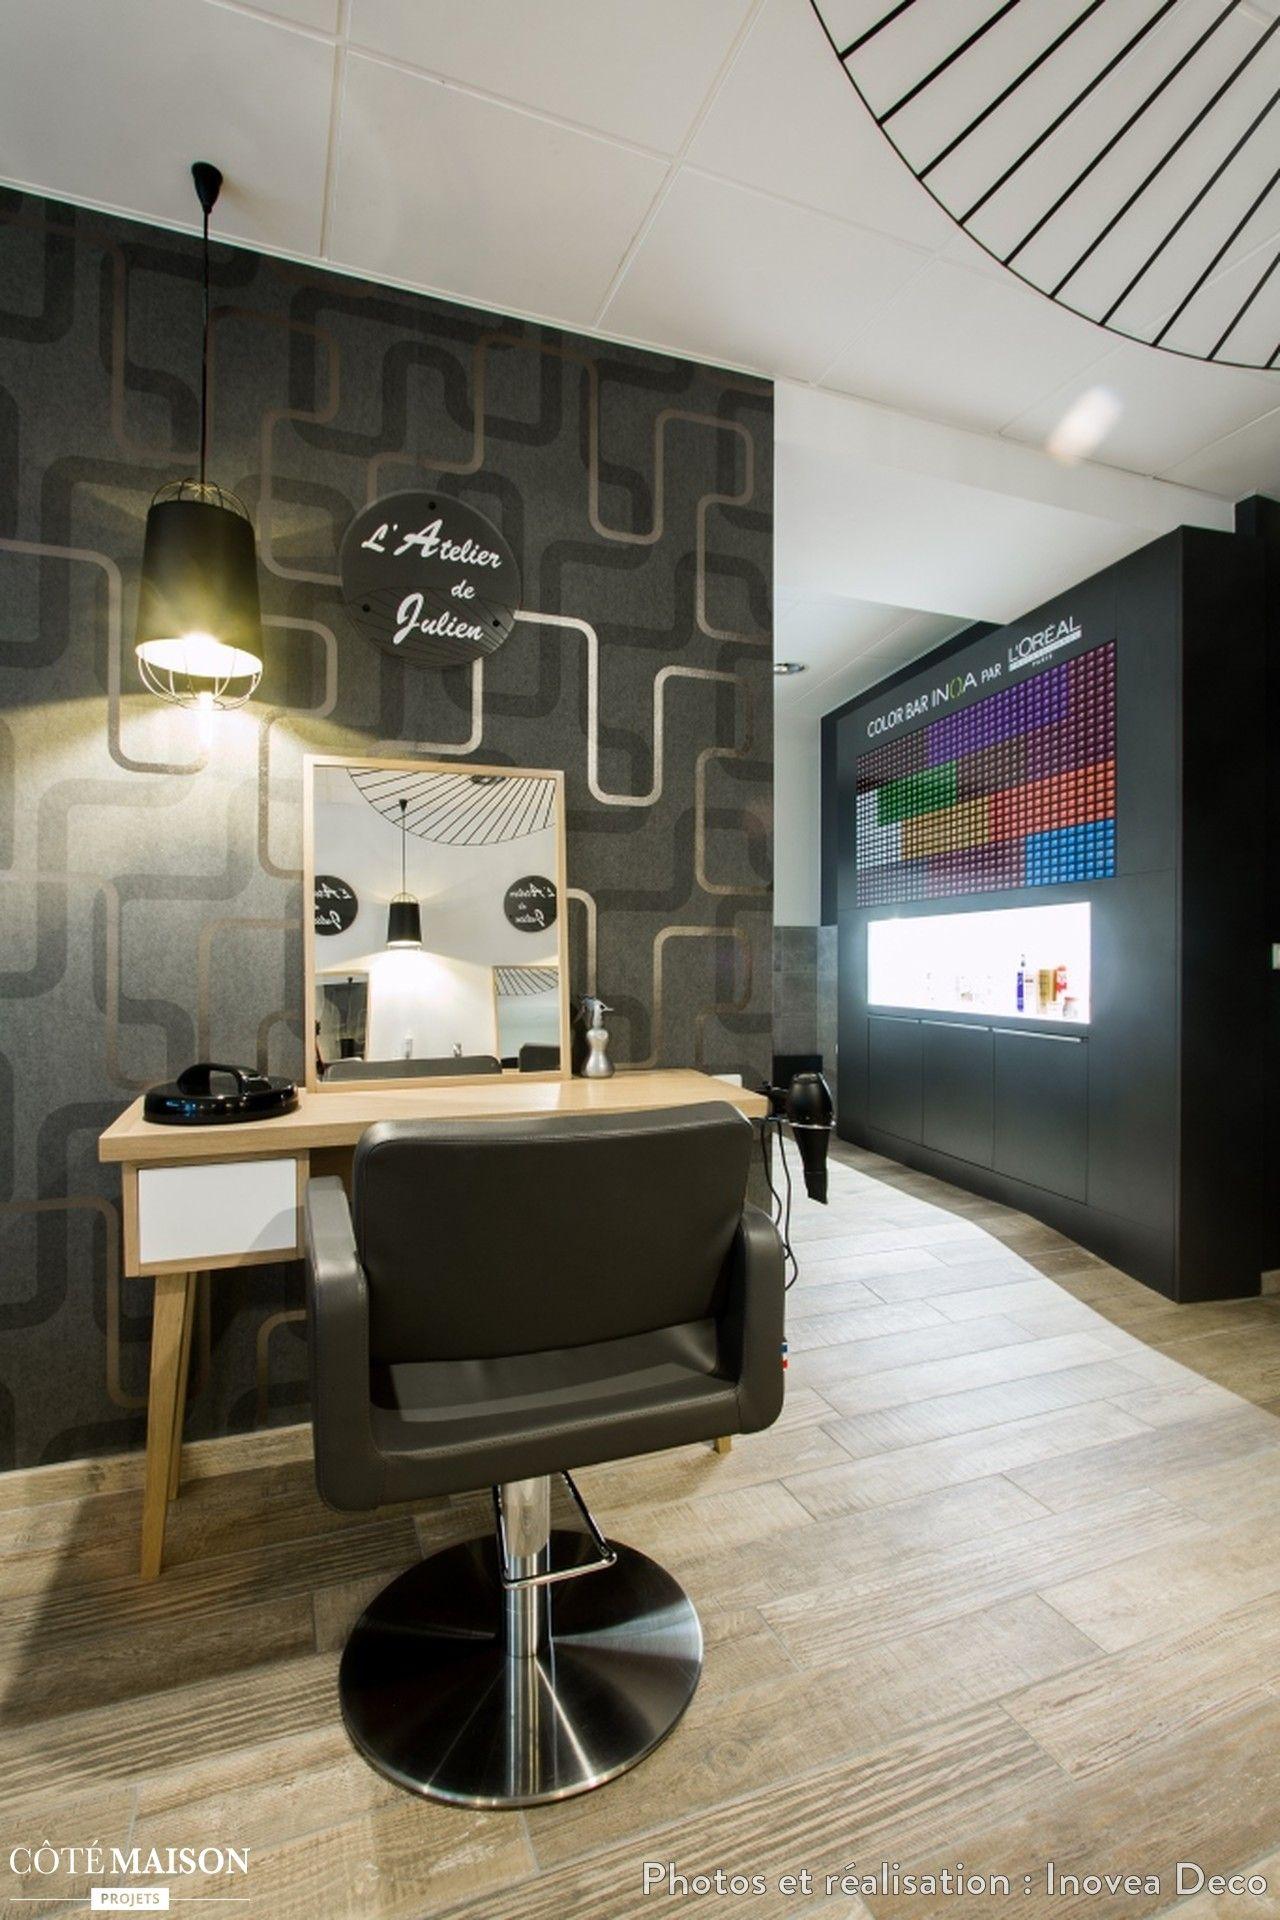 Renovation Totale D Un Salon De Coiffure De 100m Modernite Chaleur Et Esprit Cocooning Sont Mis En Avant Dan Salon De Coiffure Salon Deco Salon De Coiffure